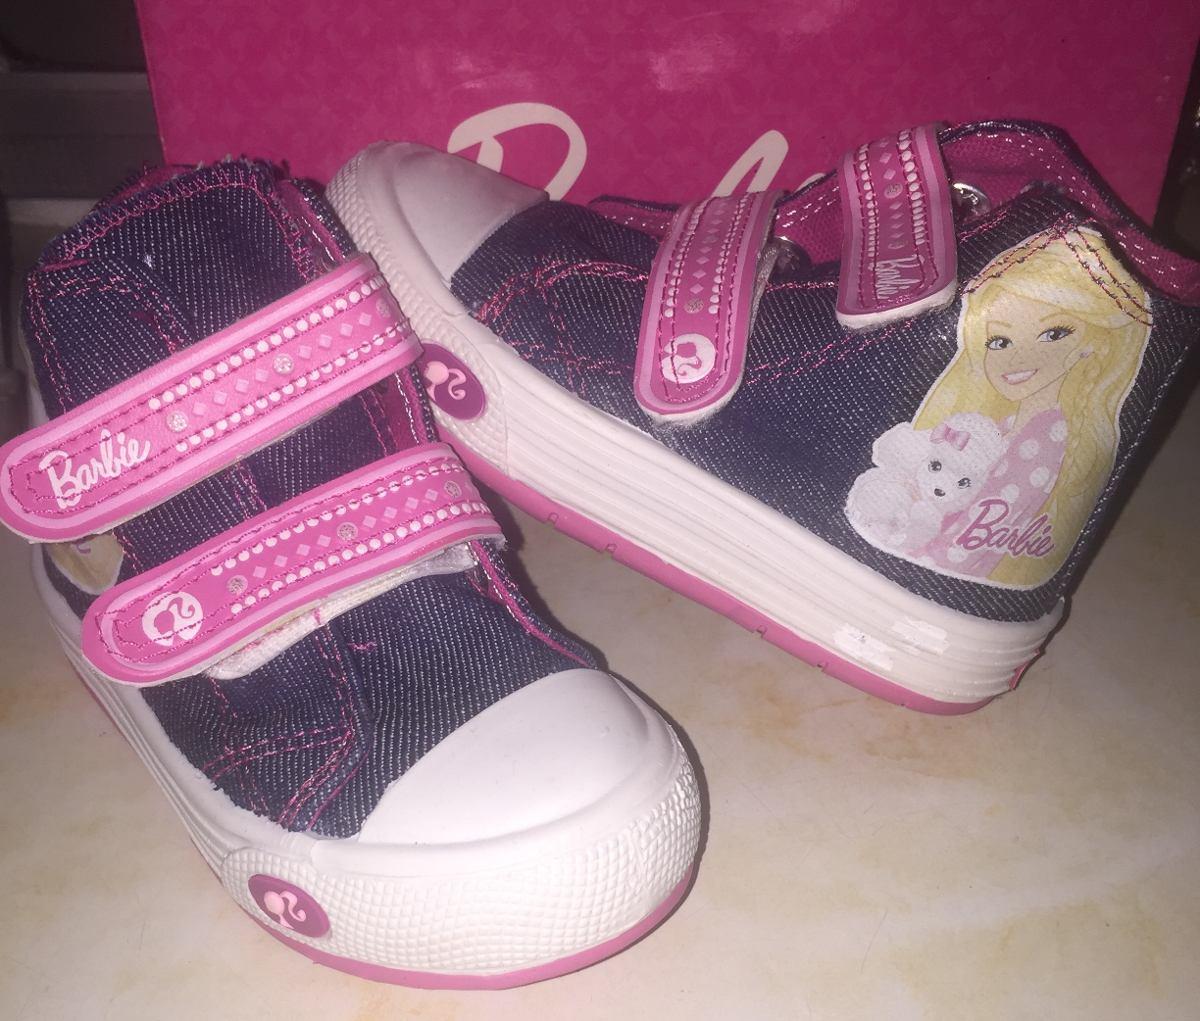 897cb7361 barbie zapatillas botitas para nena divinas !! nuevas ! n23. Cargando zoom.